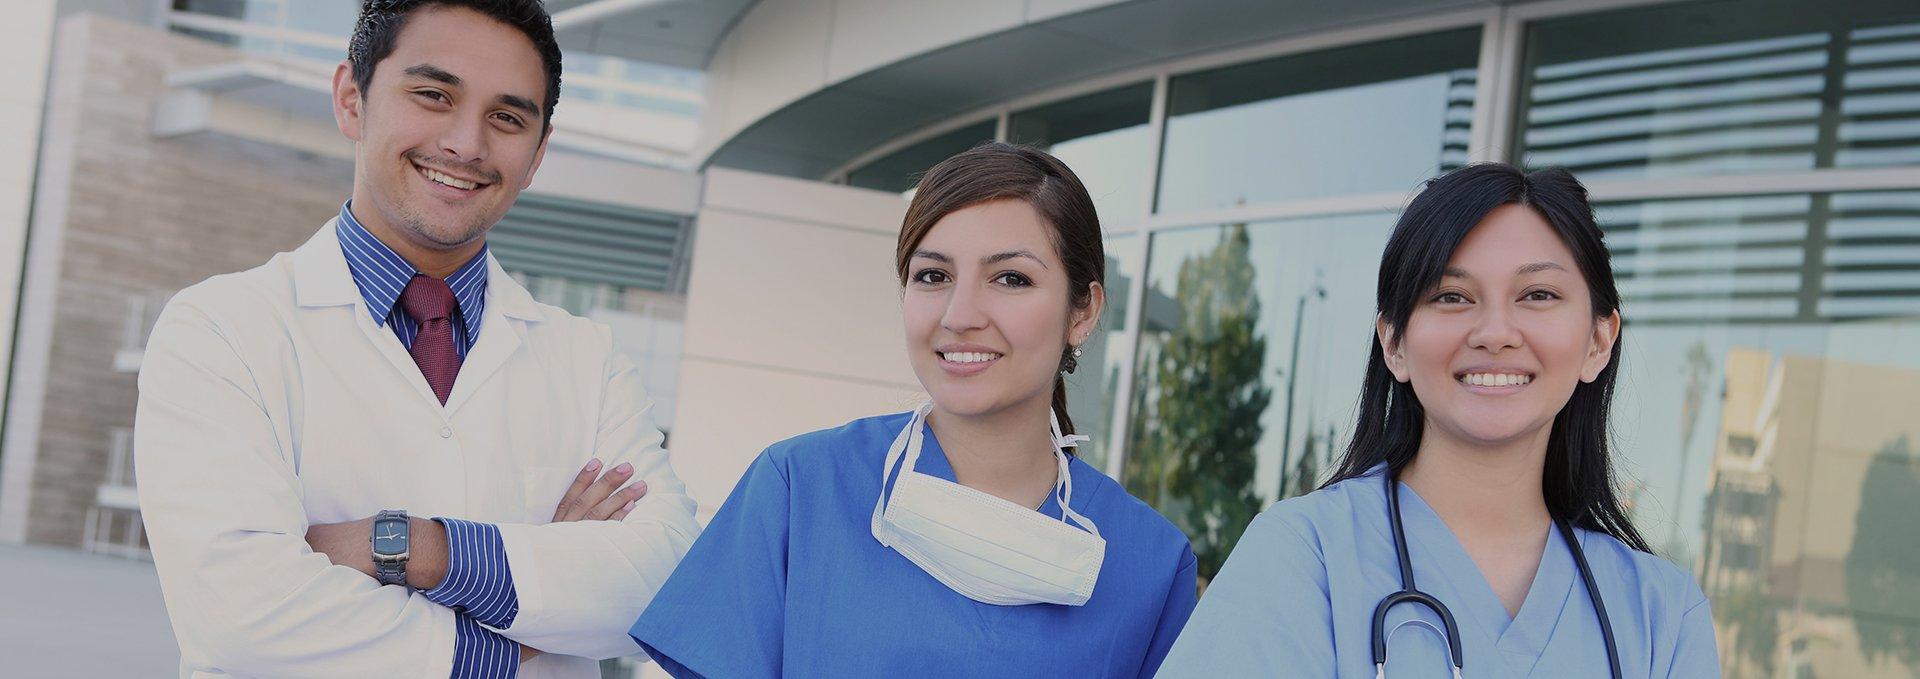 Dentist in Rialto